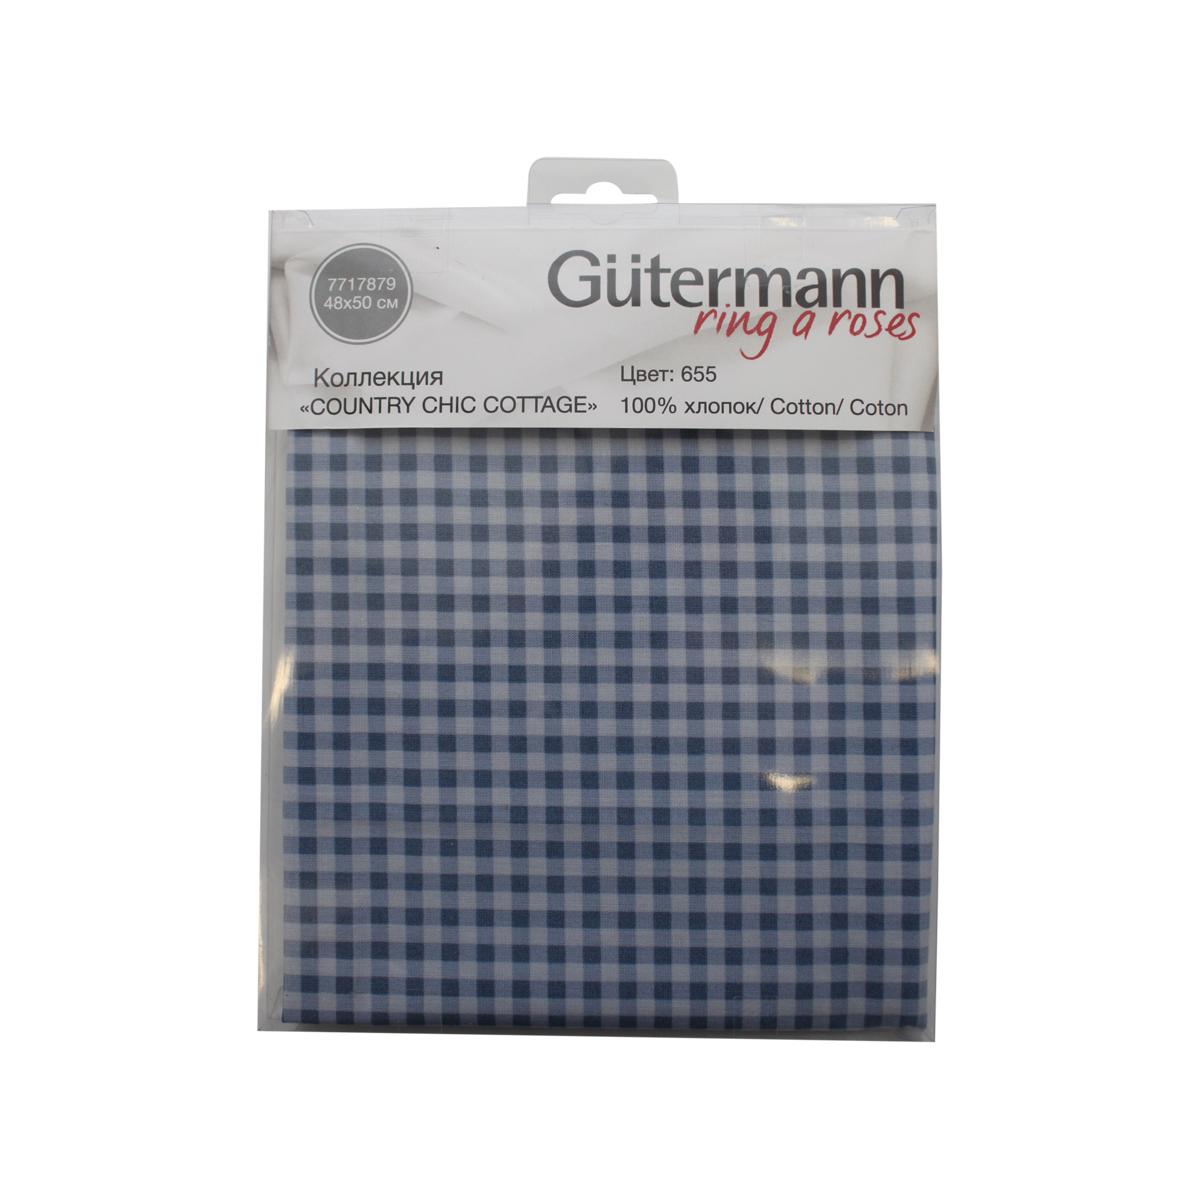 Ткань Gutermann Country Chic Cottage, 48 х 50 см. 649368_6557716371_голографикХлопковая ткань от Gutermann (Гутерманн) выполнена из 100% натурального материала, идеально подойдет для шитья одежды, постельного белья, декорирования. Ткань не линяет, не осыпается по краям и не дает усадки.